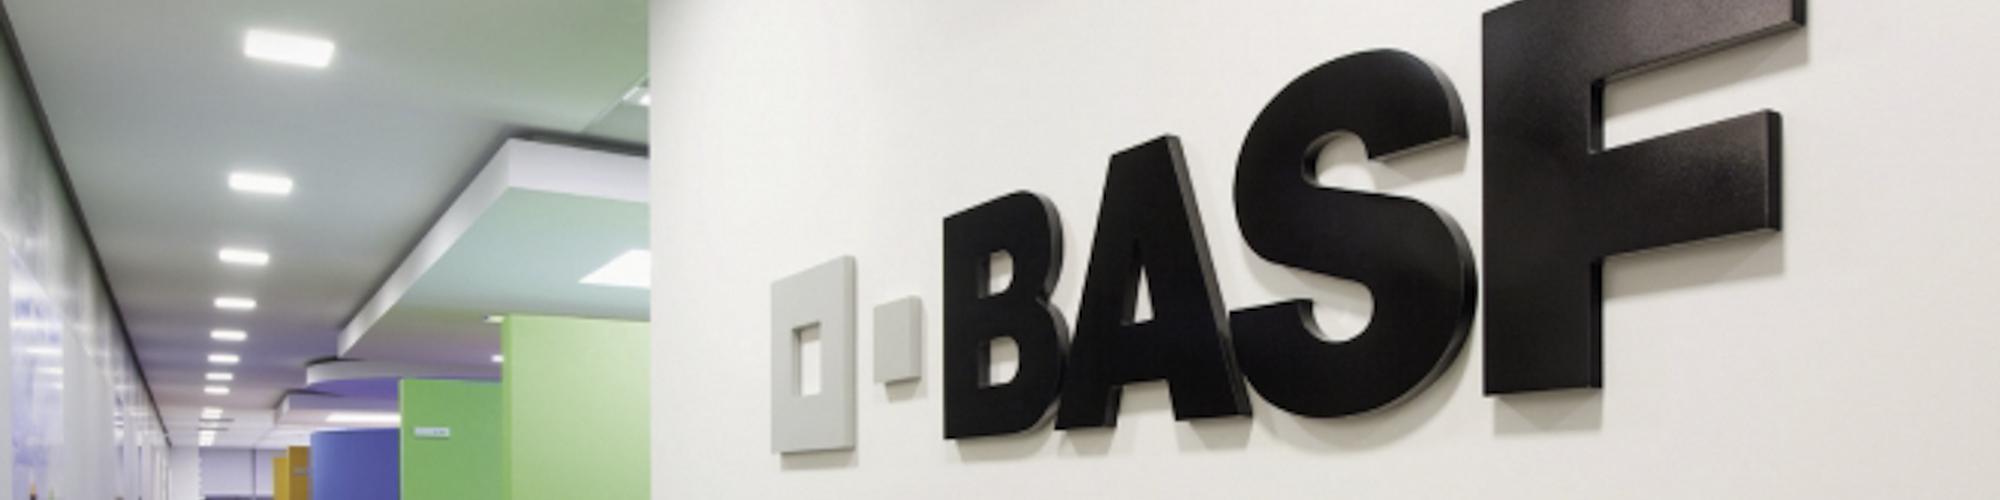 компоненты basf